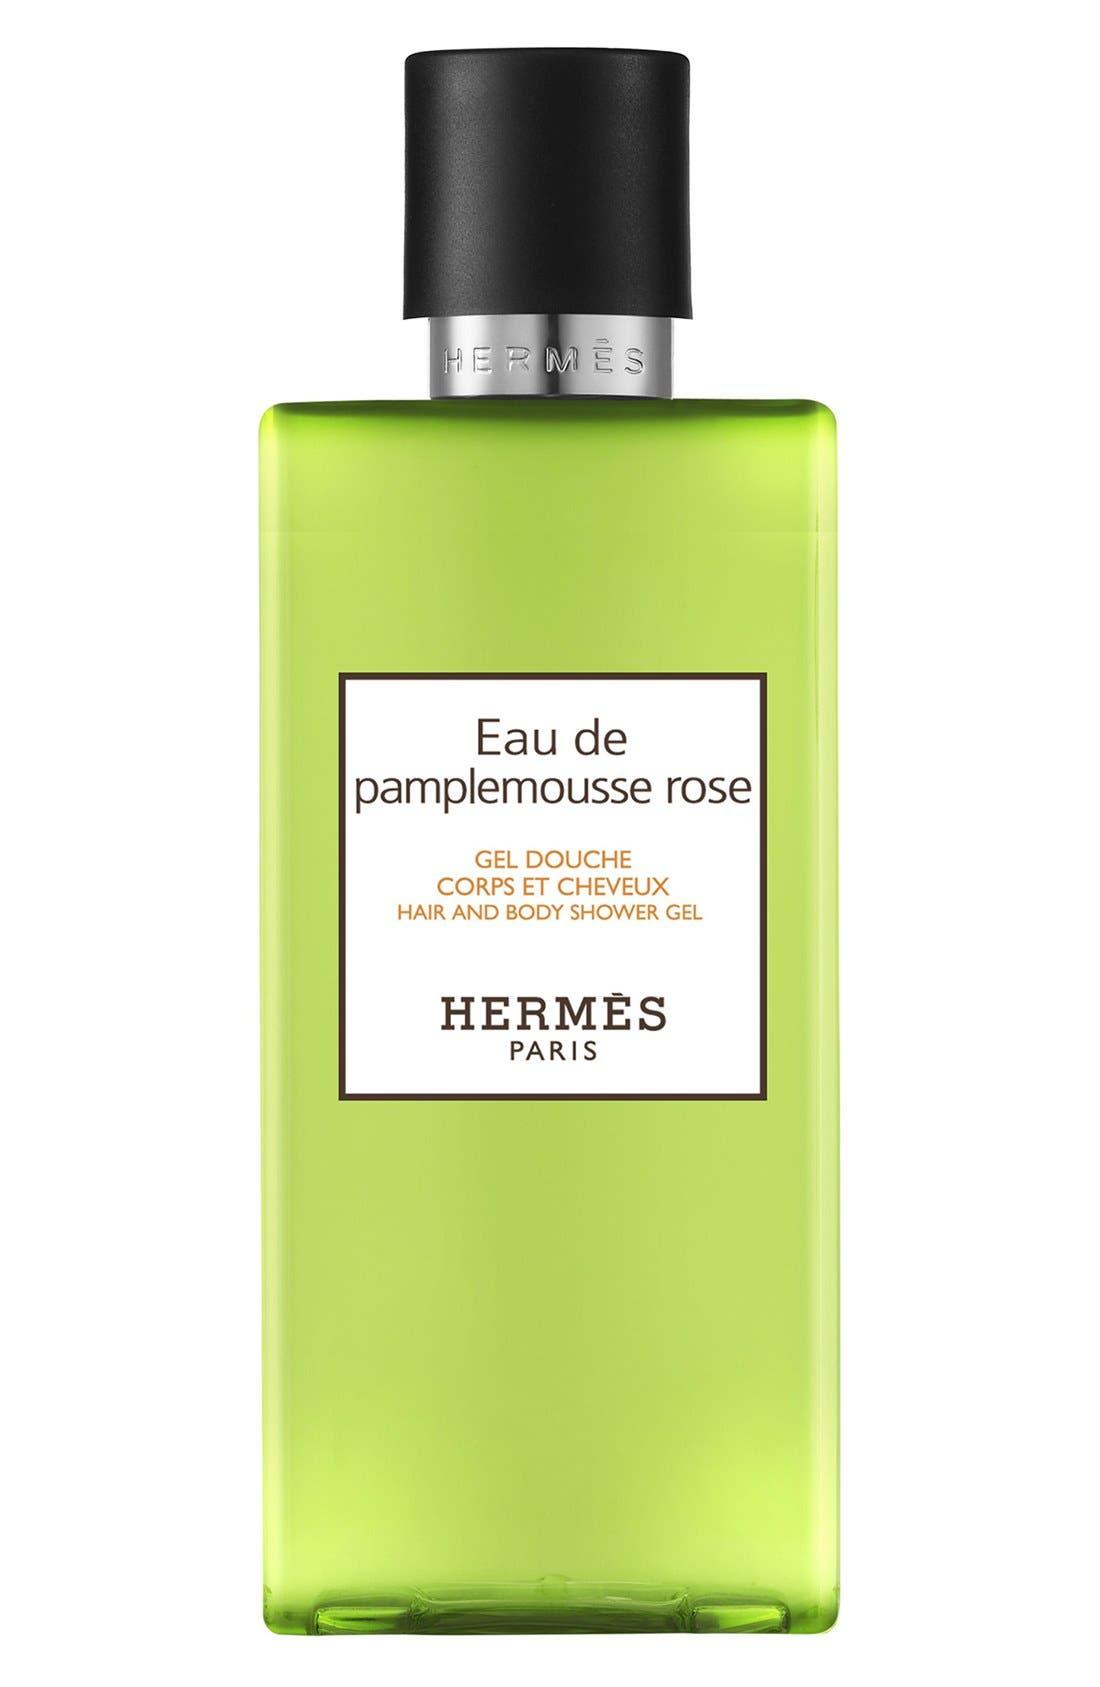 Hermès Eau de Pamplemousse Rose - Hair and body shower gel